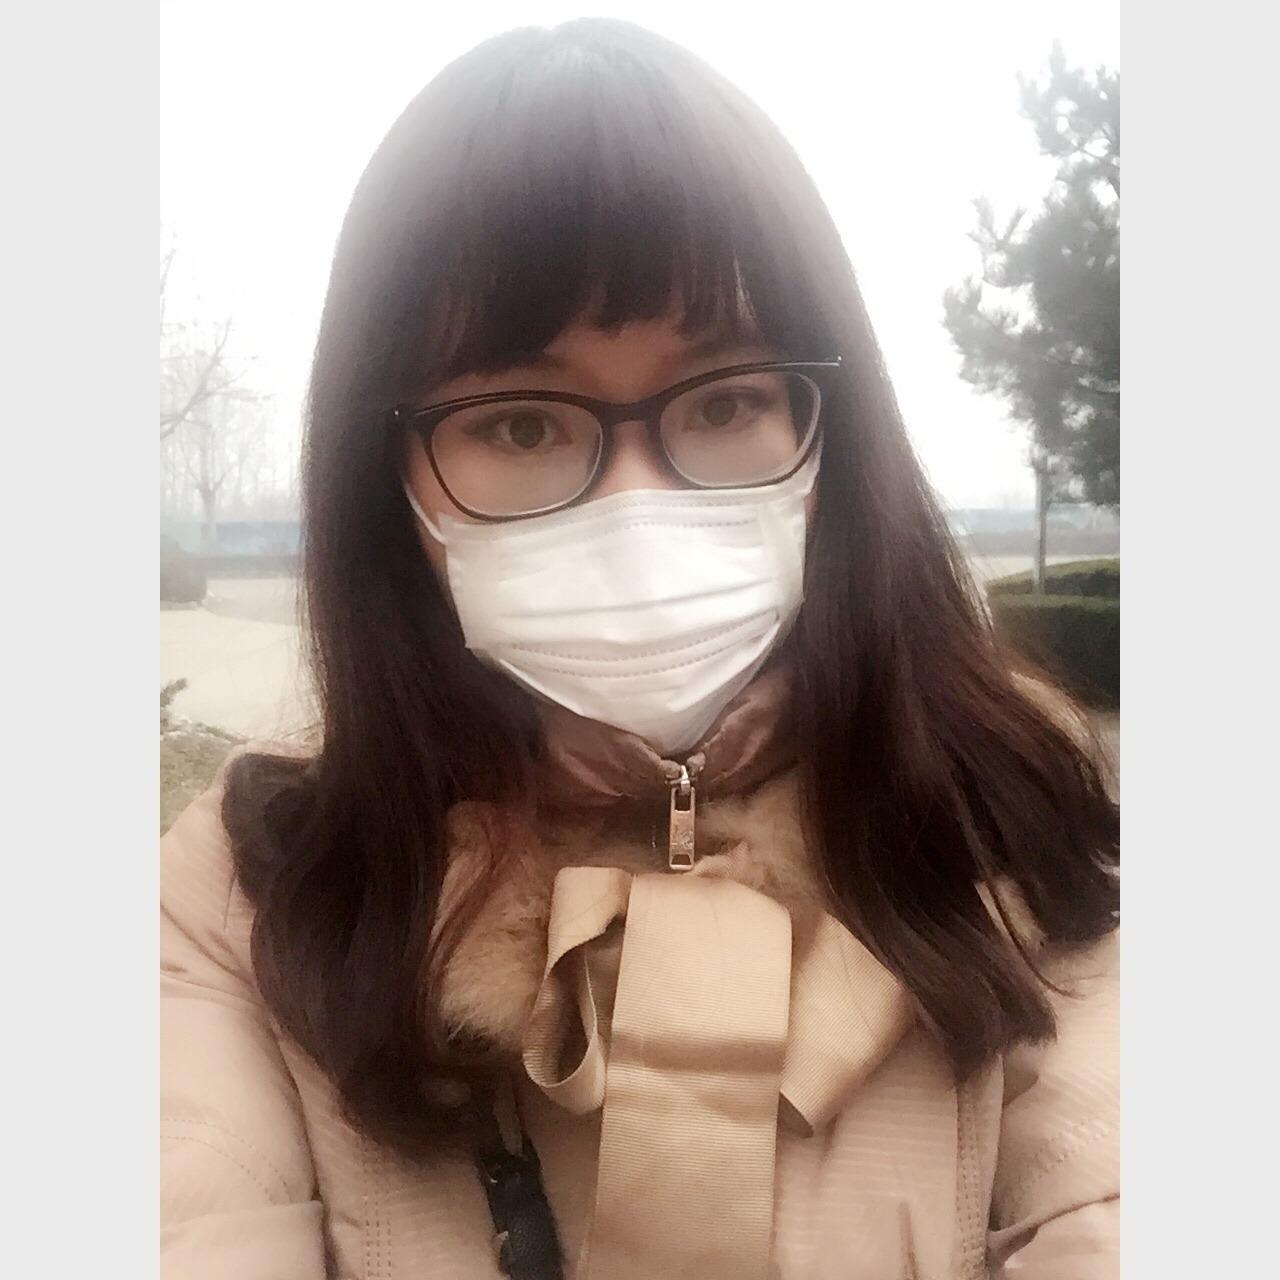 三次元防霾口罩(女士用)和尤妮佳超立体口罩都是日本旅游带回来的